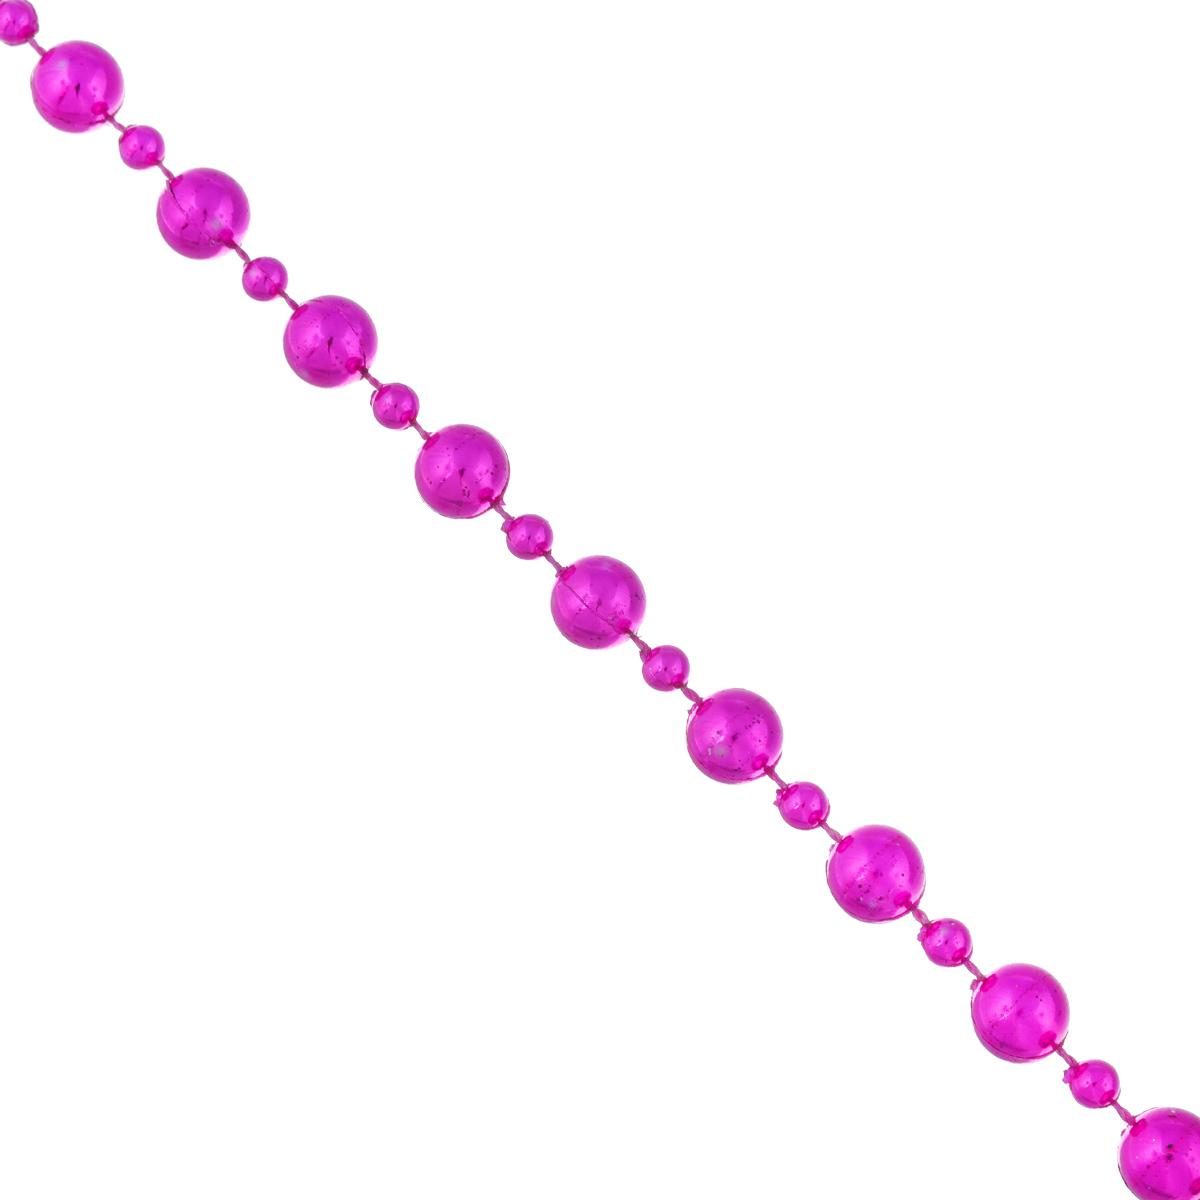 Новогодняя гирлянда Lunten Ranta Сказка, цвет: фуксия, длина 2 м гирлянда электрическая lunten ranta медведи 10 светодиодов 1 65 м